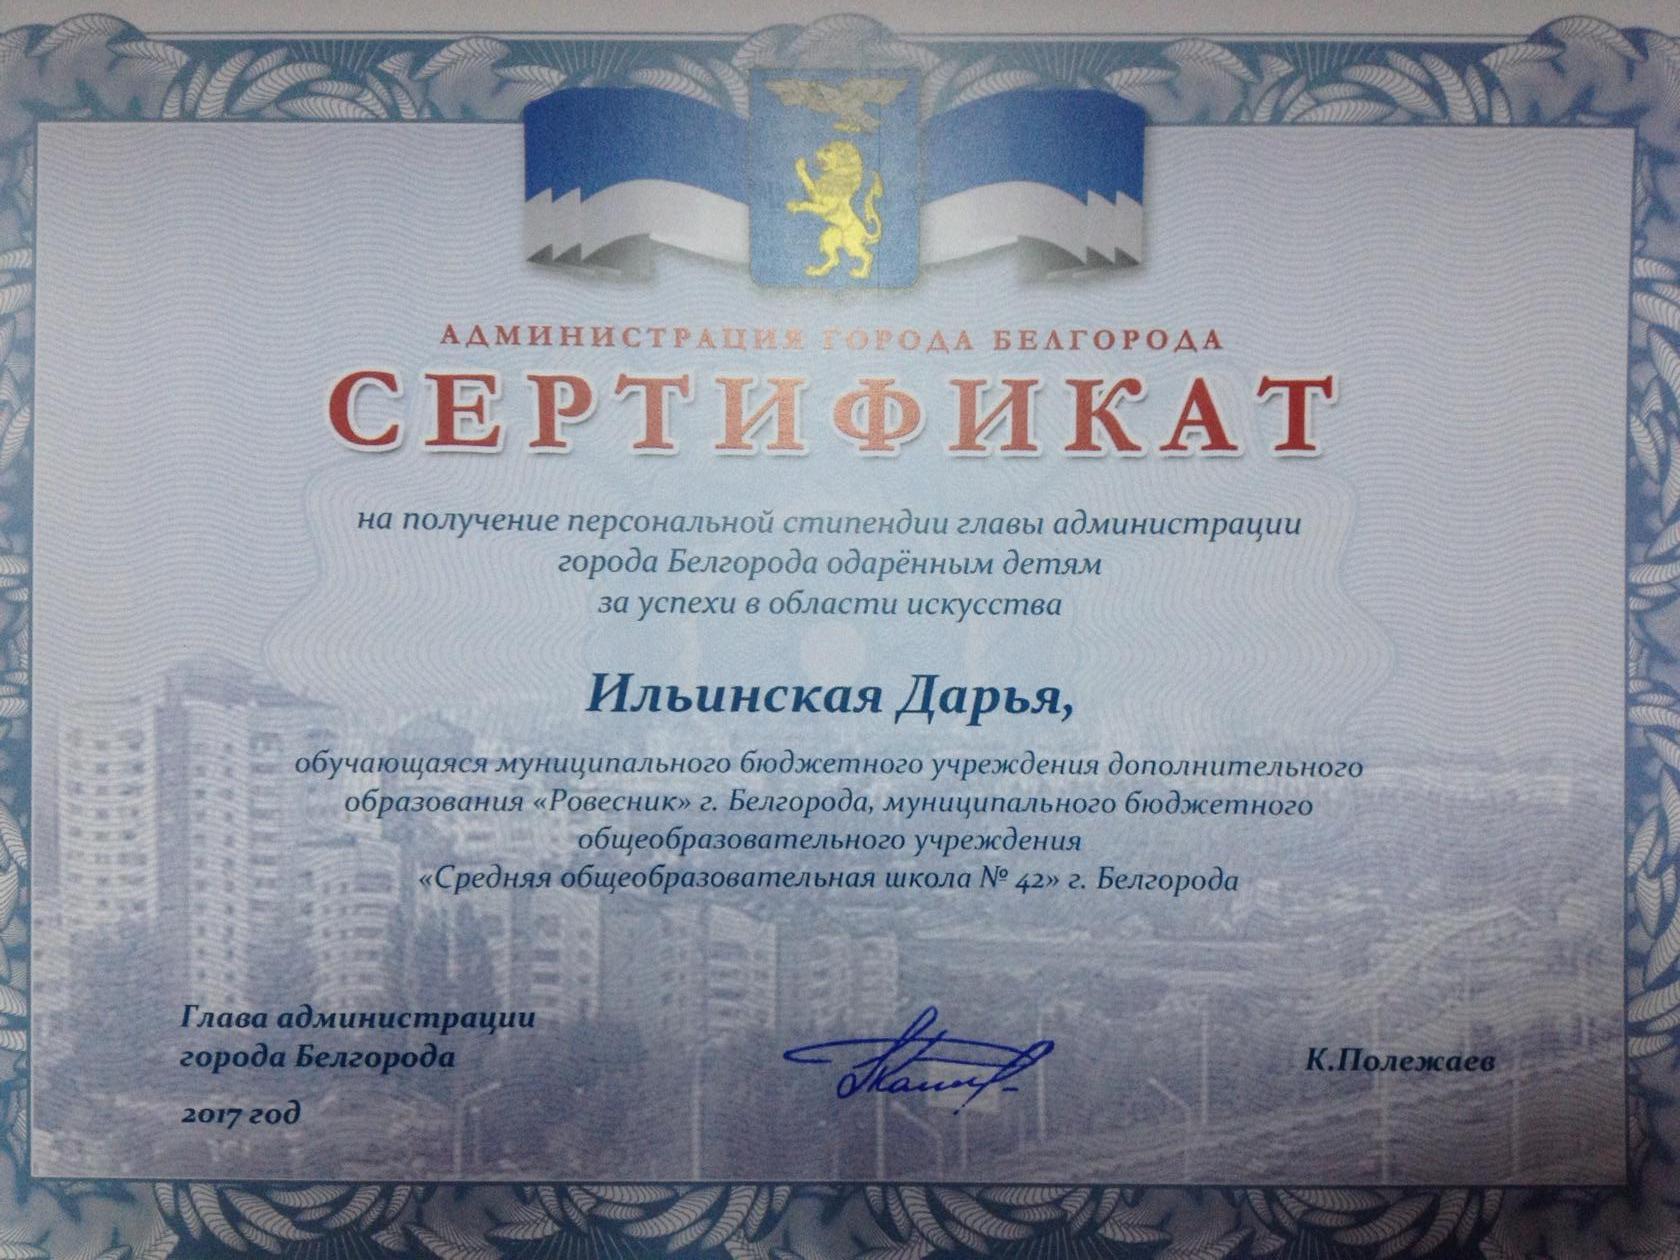 Ильинская Сертификат